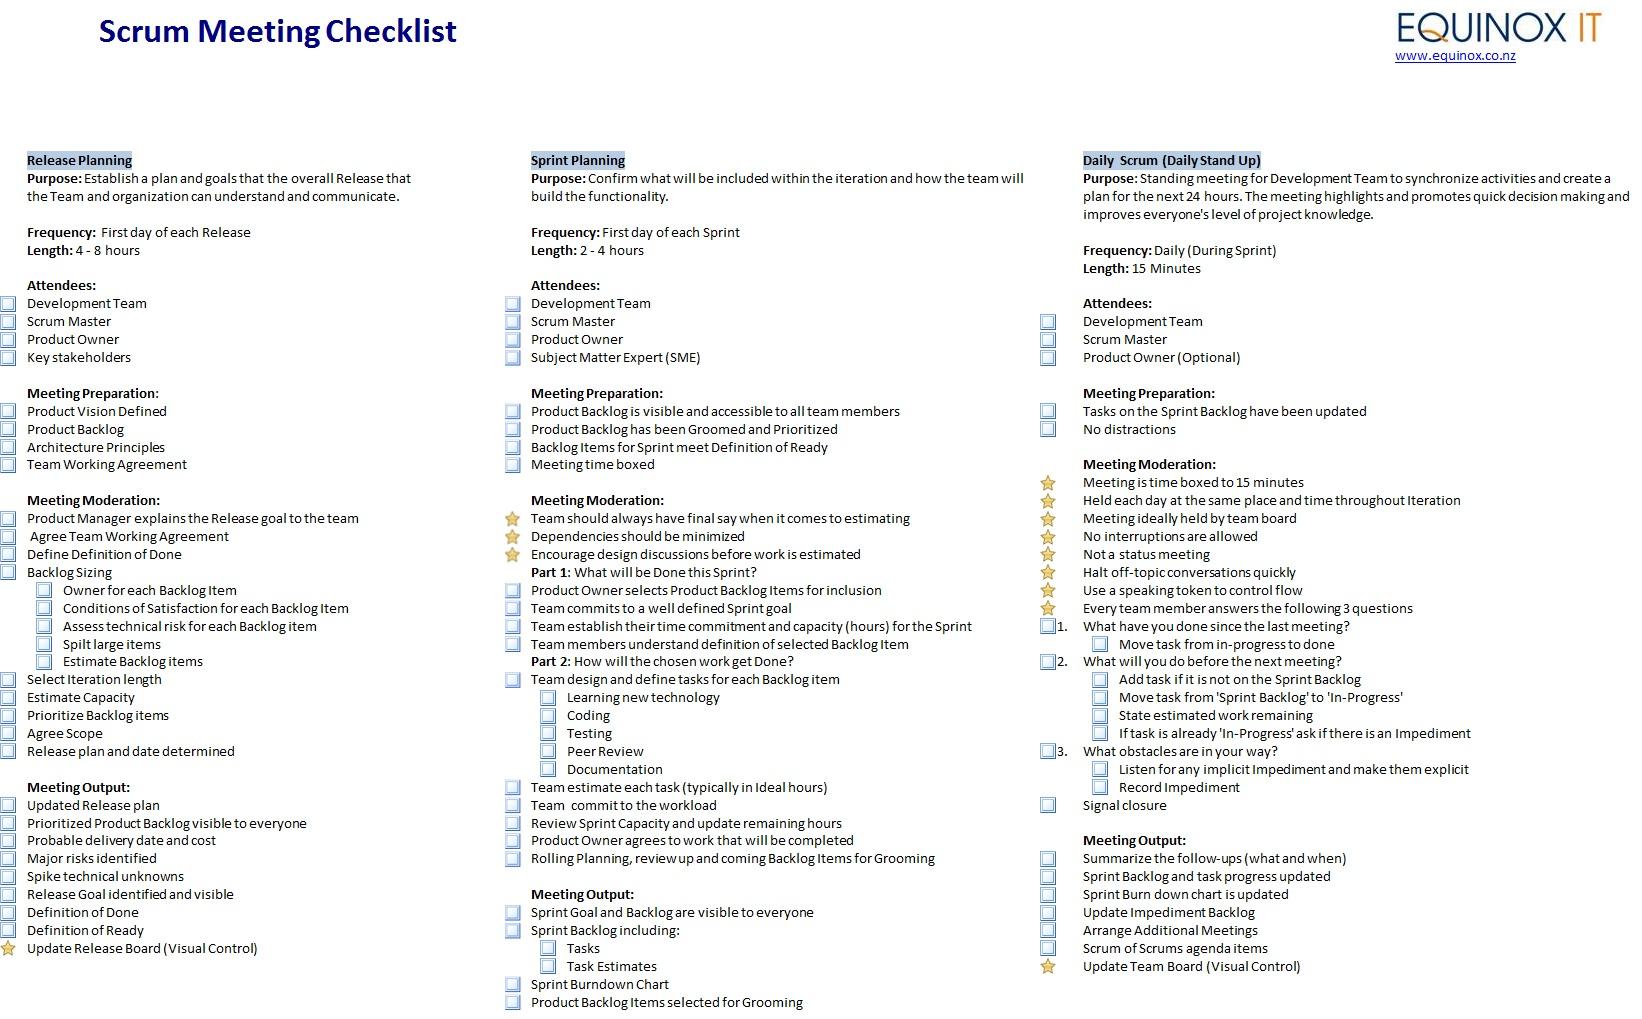 Scrum meeting checklists: Version 2.0